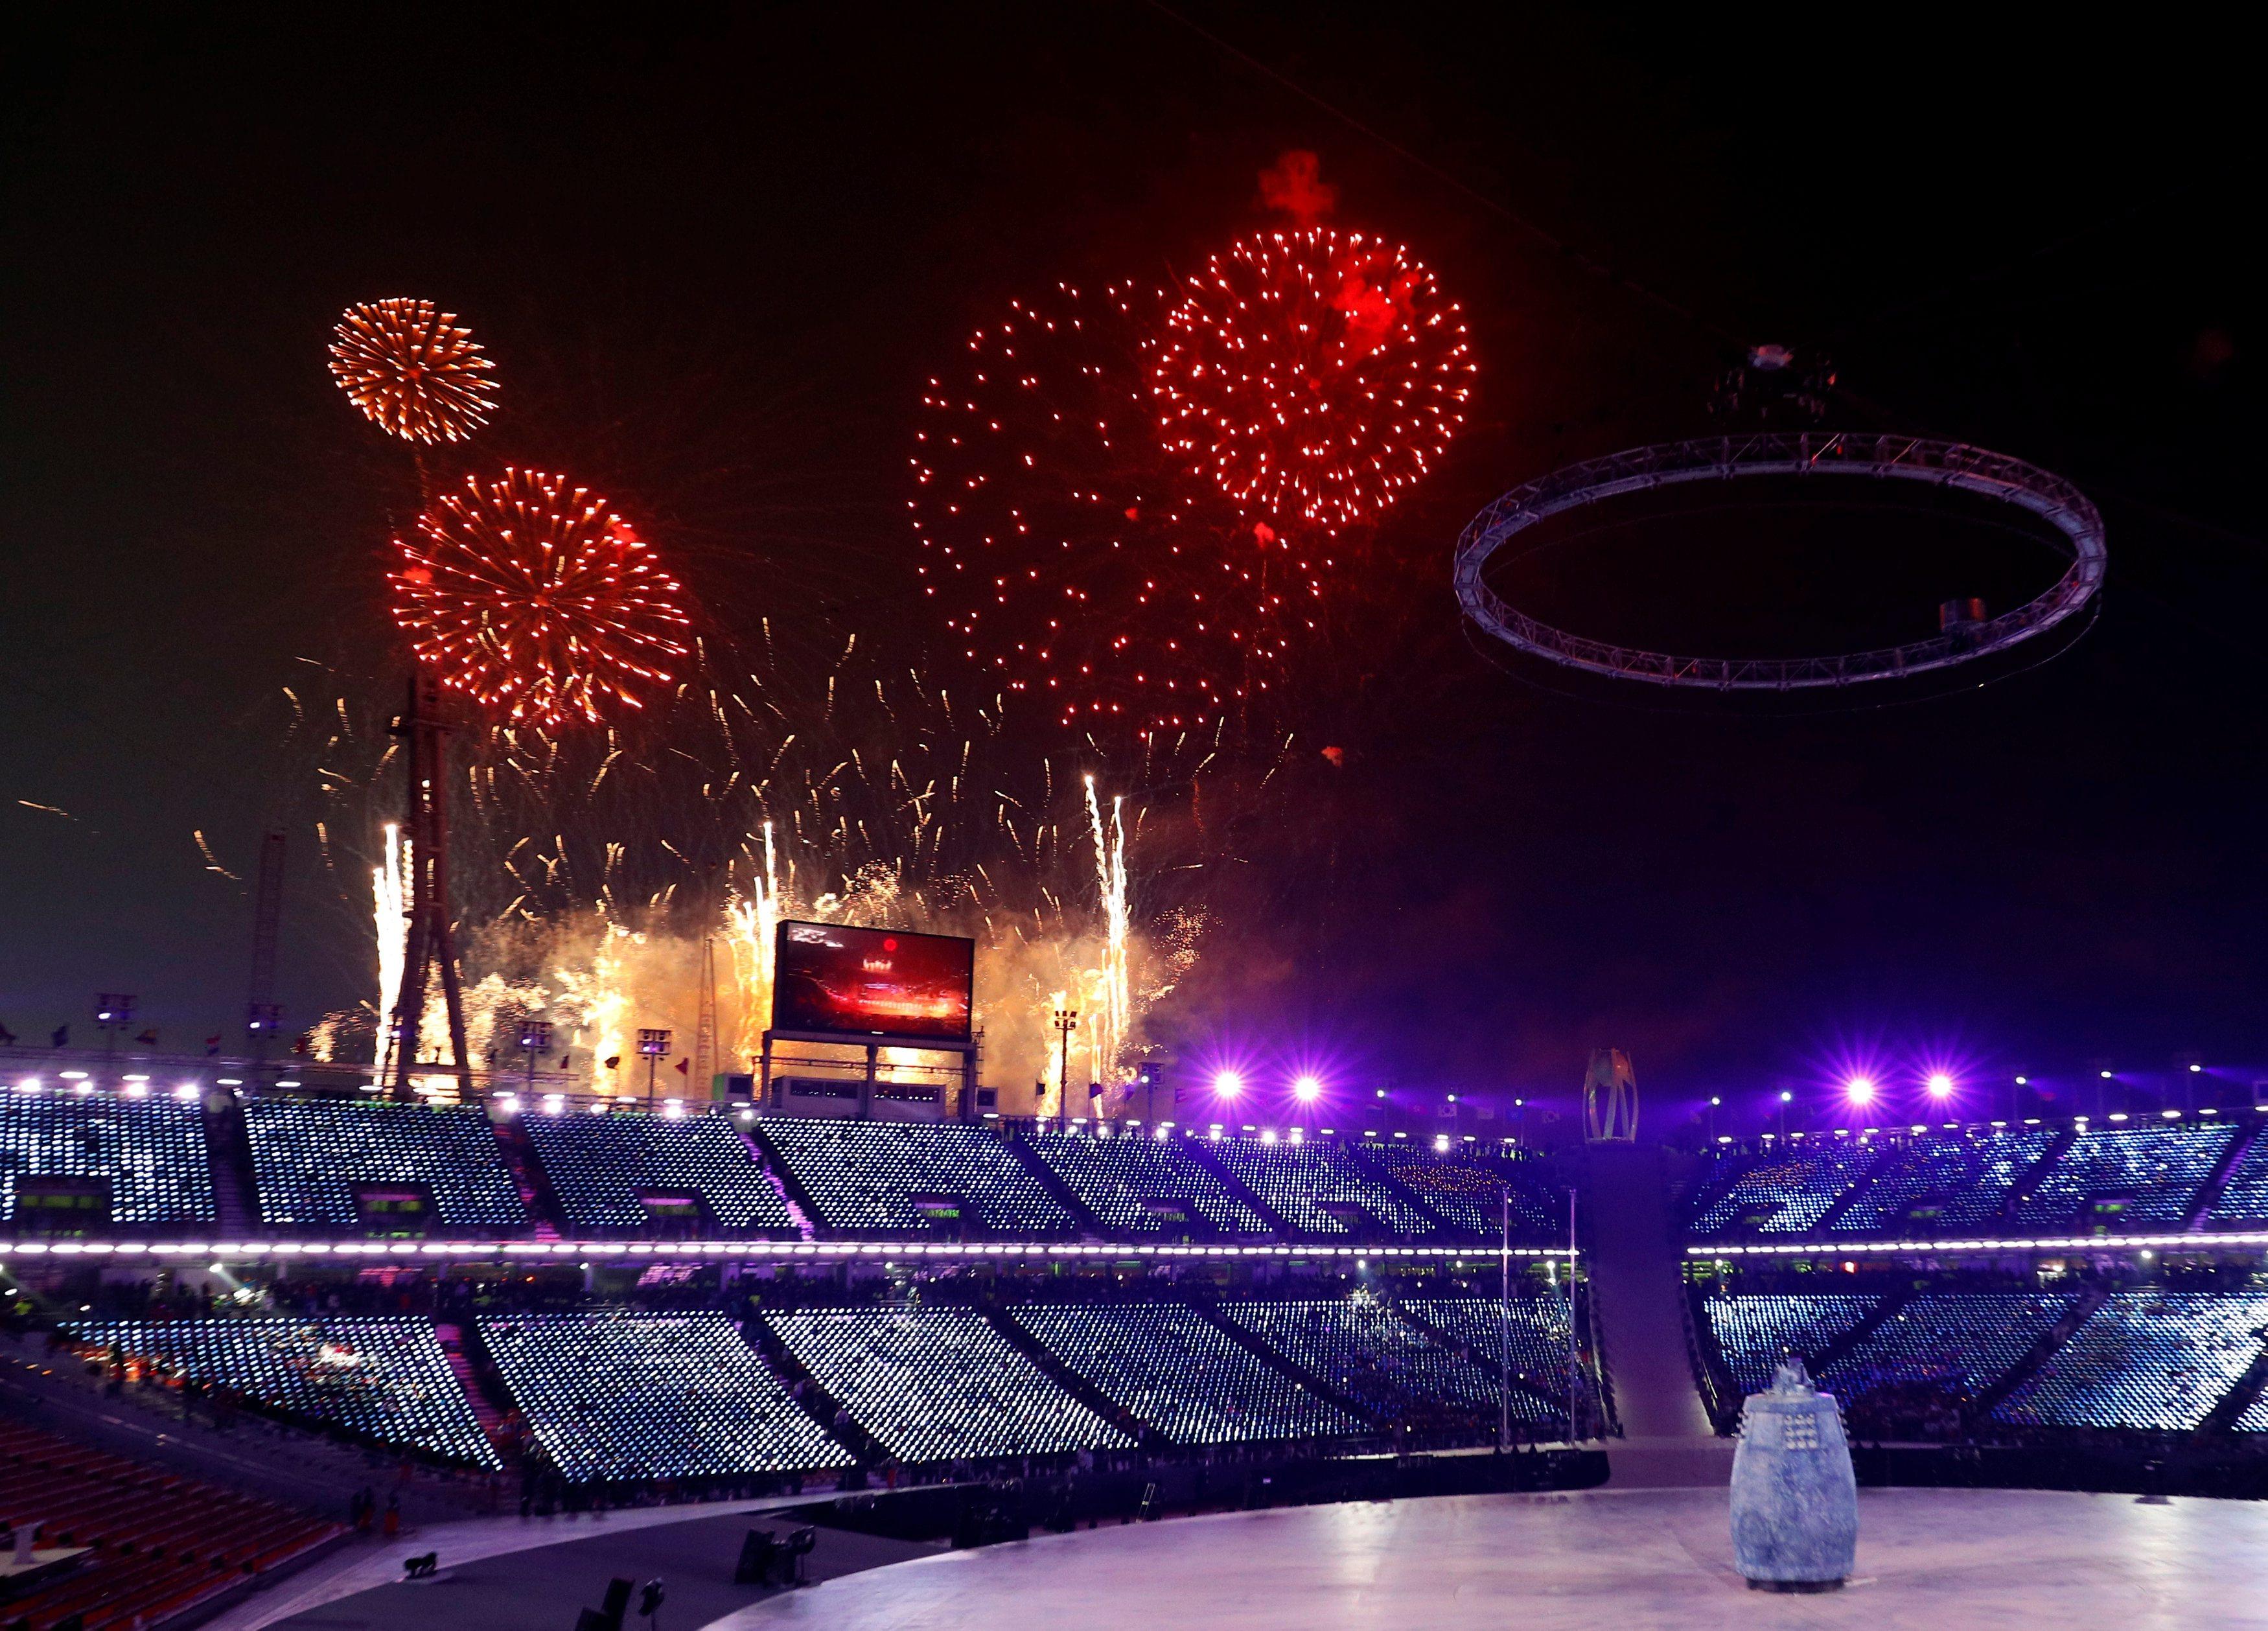 Otvaranje Olimpijskih igara u Pjongčangu